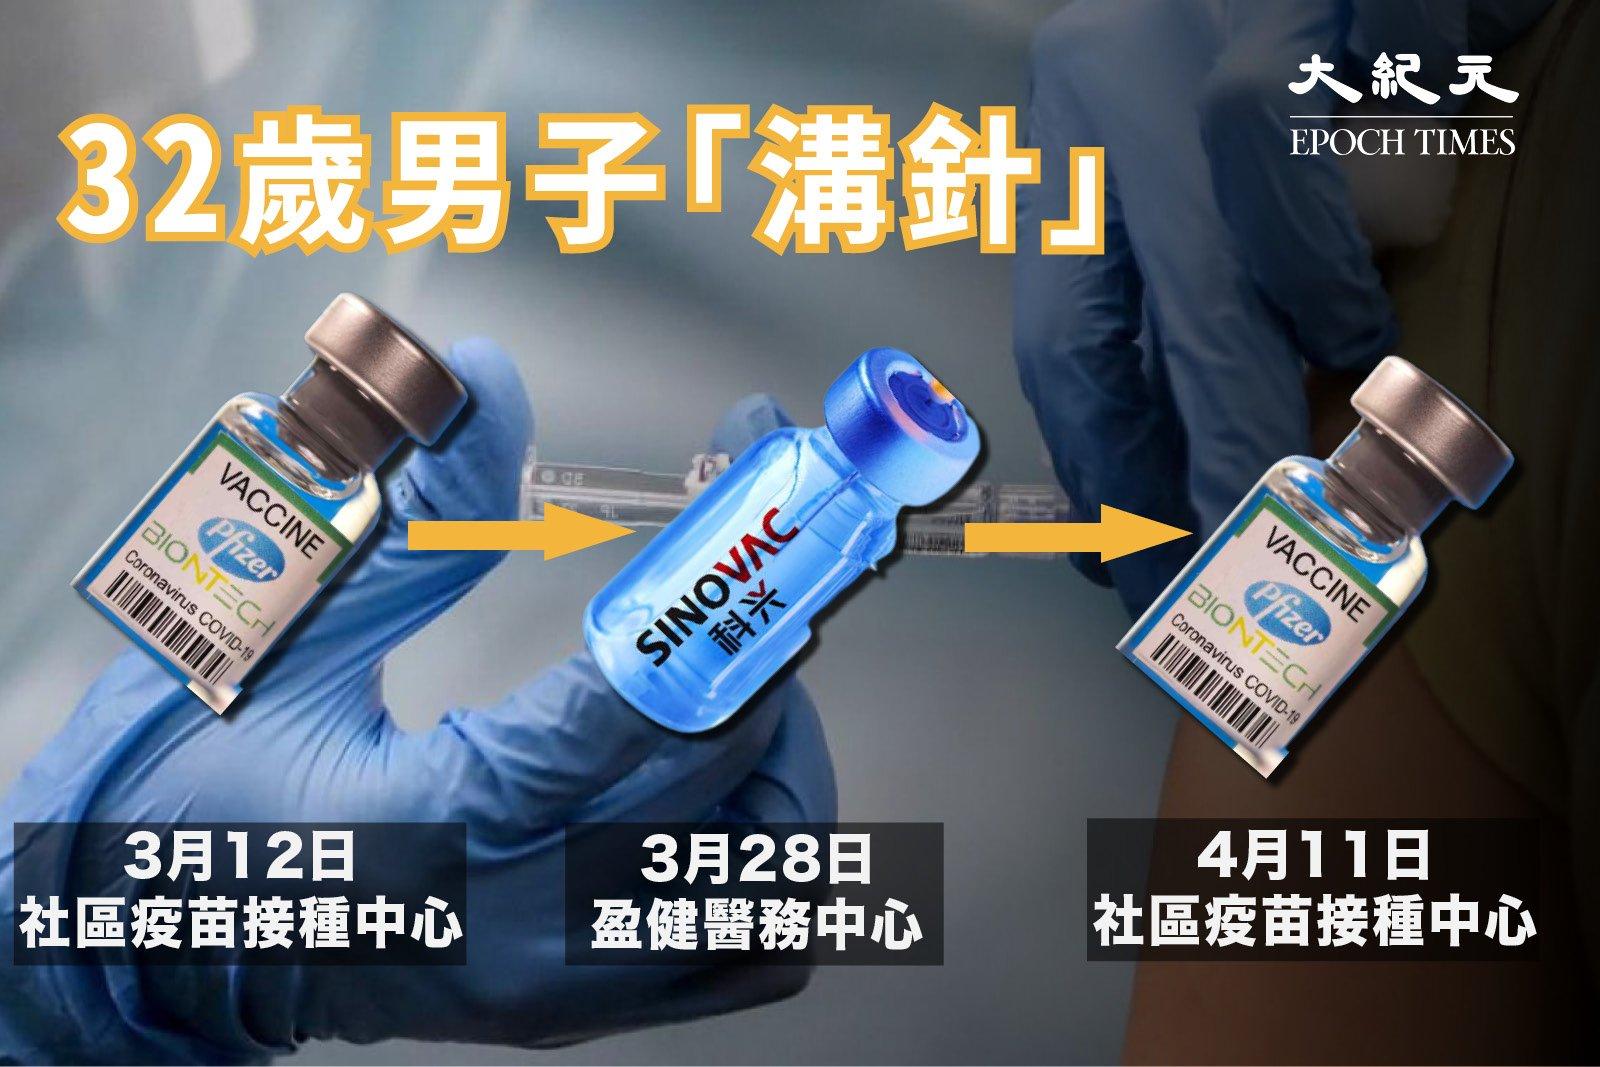 昨日(18日),衛生署公佈,本港一名32歲男子自行打混合針,先後接種3劑,包括復必泰和科興疫苗。(大紀元製圖)